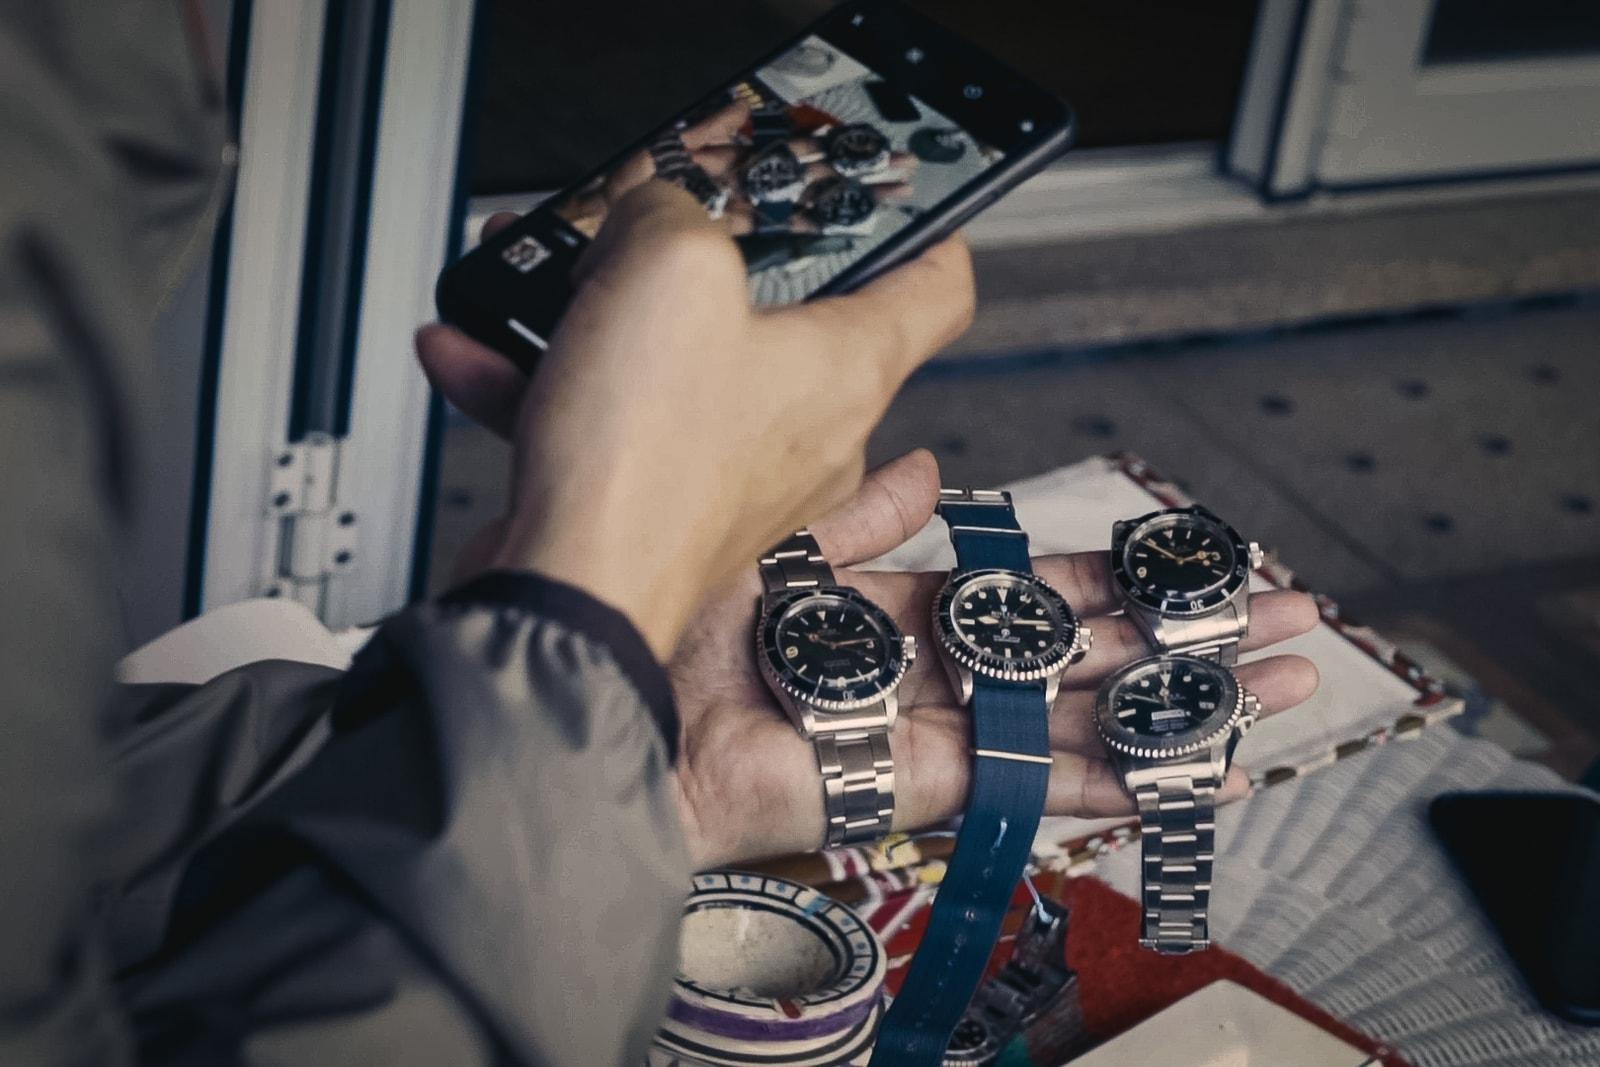 水鬼入門論:藏家淺談 Rolex Submariner 不同型號的珍品值練